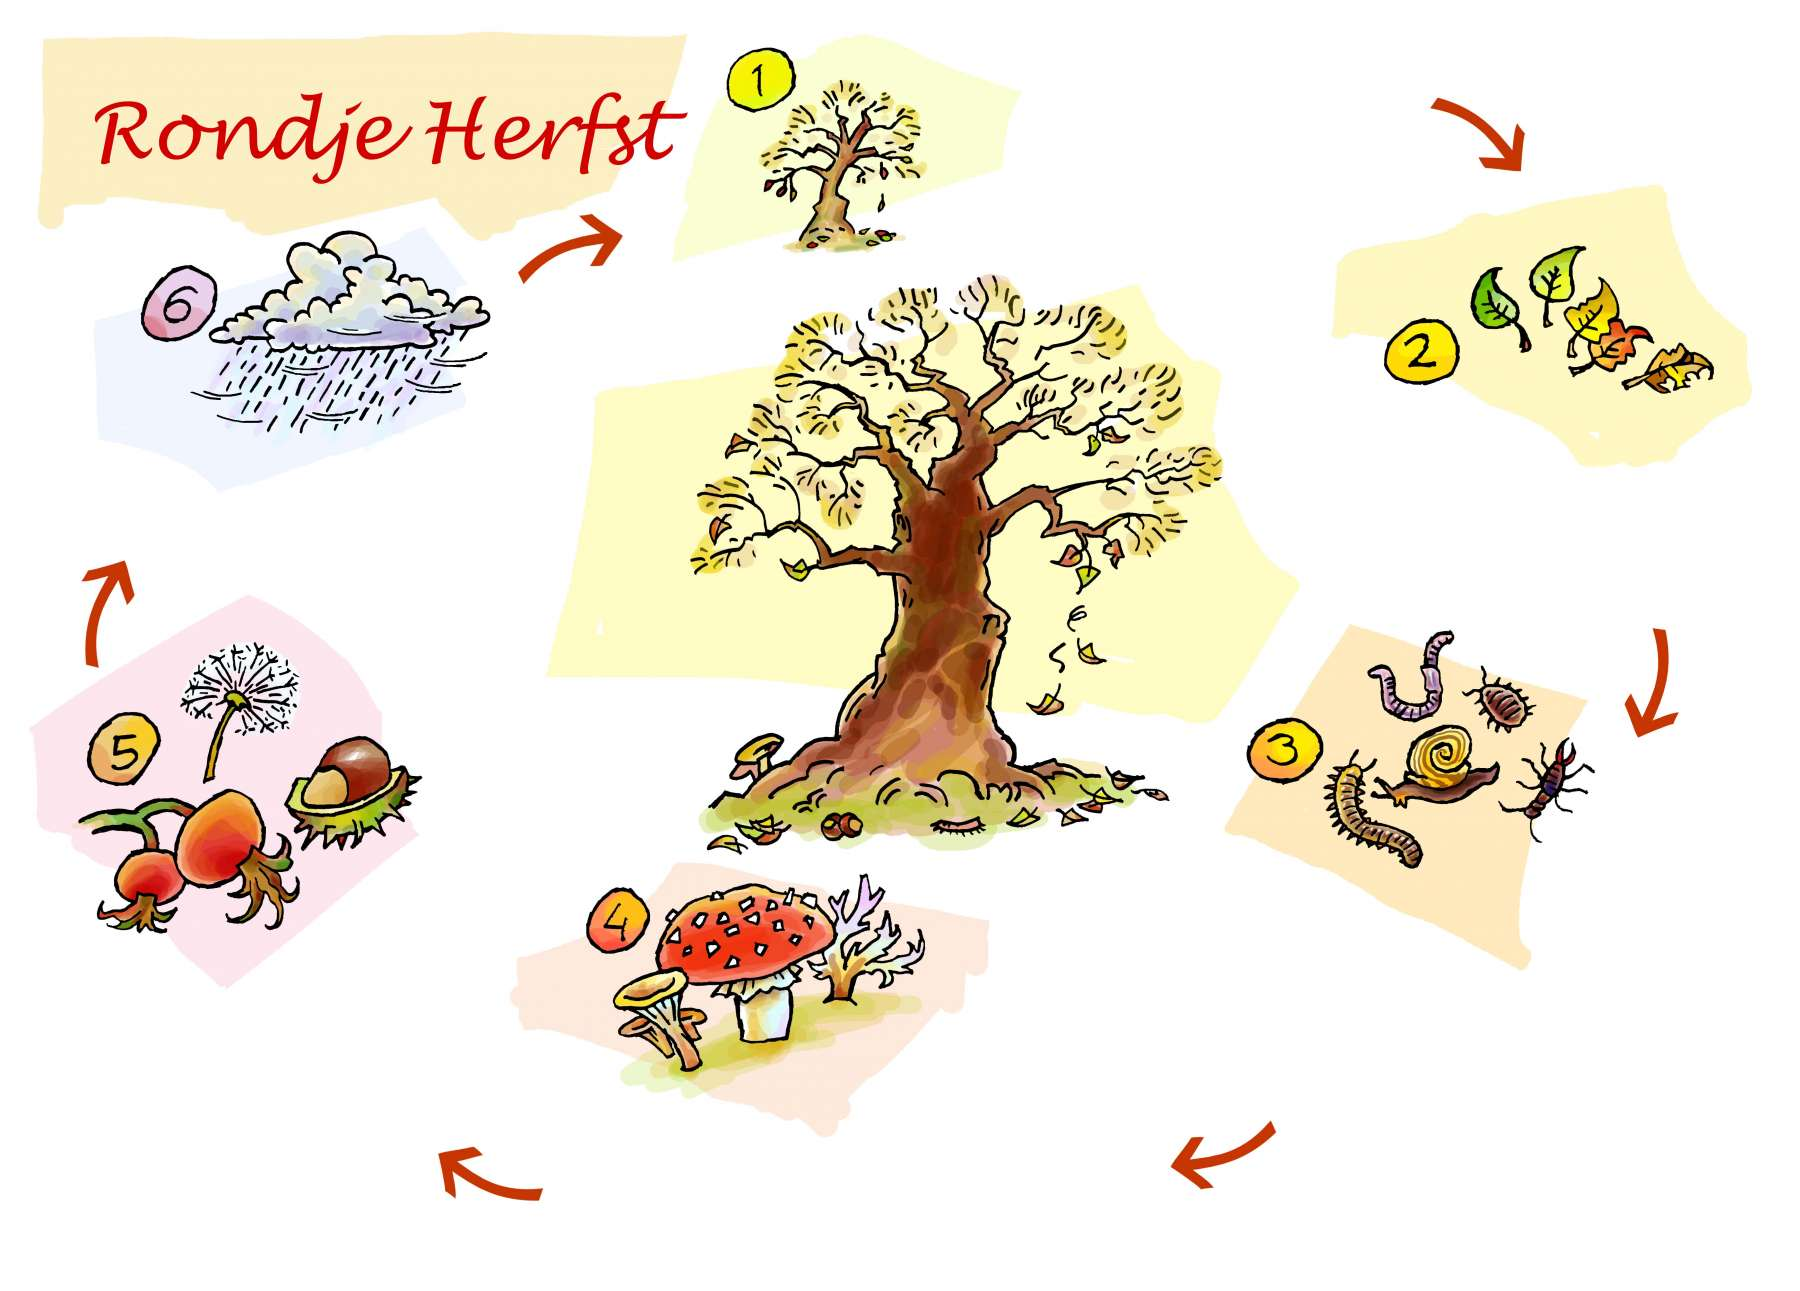 Rondje herfst - doe-opdrachten voor kinderen <br>Natuurcentrum de Papaver Delft